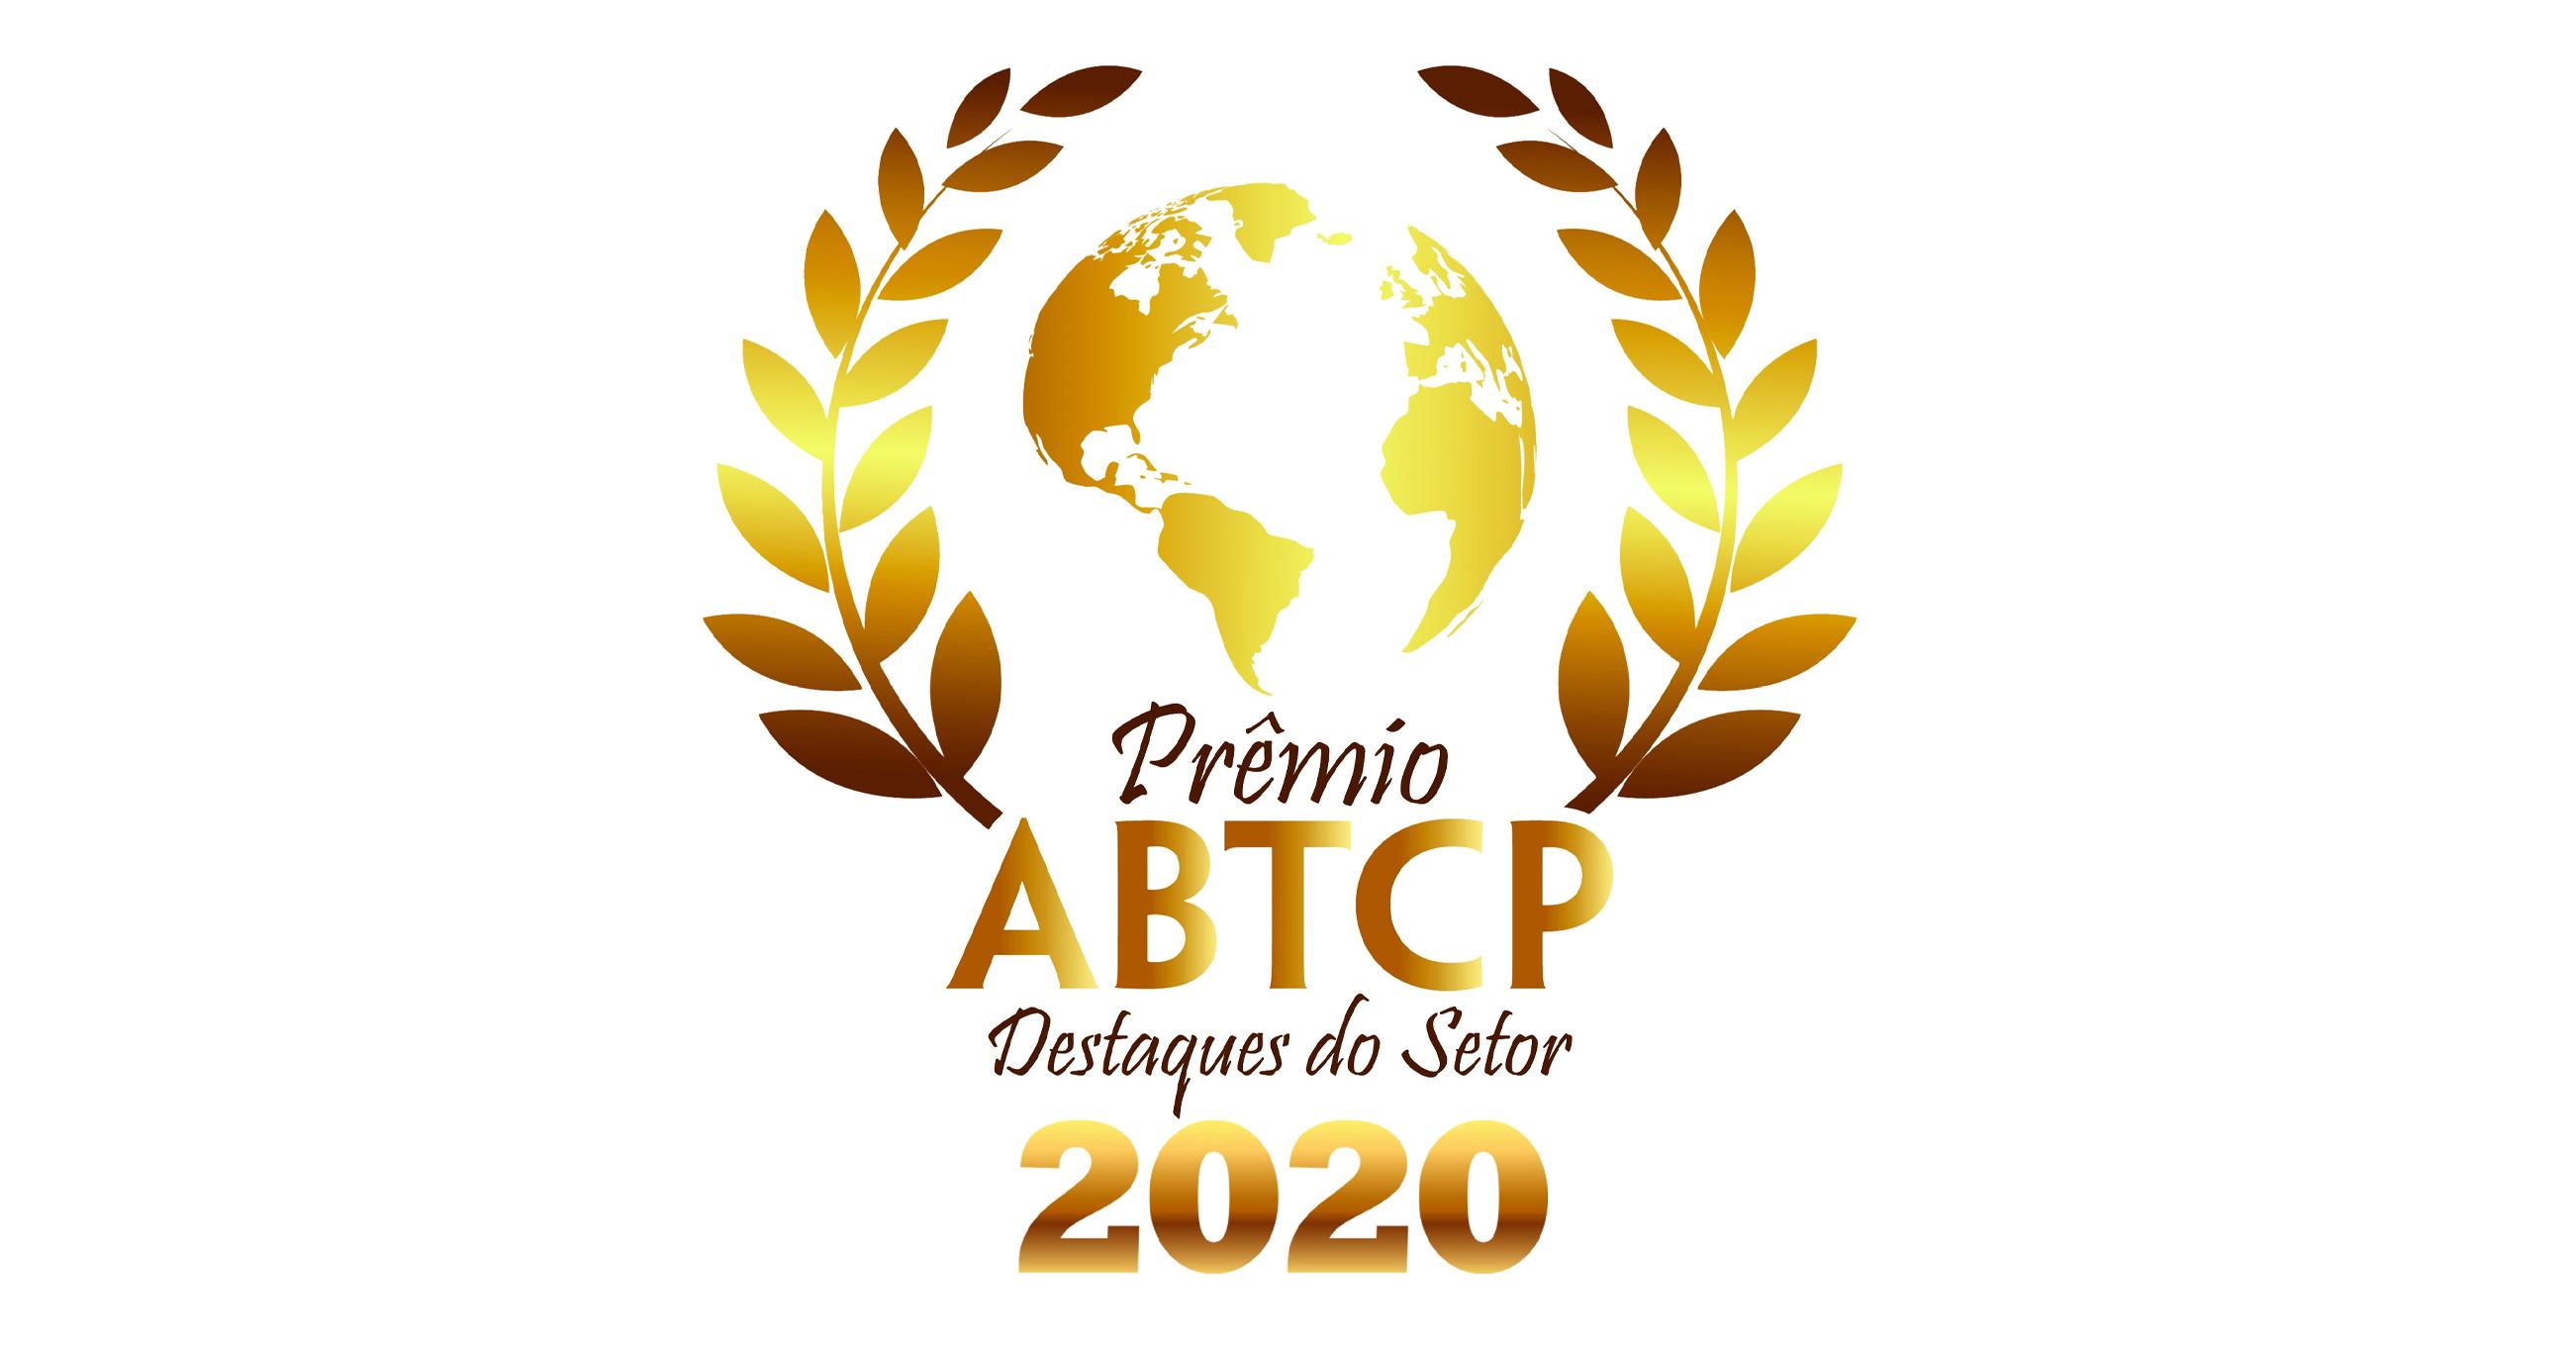 Albany International concorre ao Prêmio Destaques do Setor 2020 promovido pela ABTCP